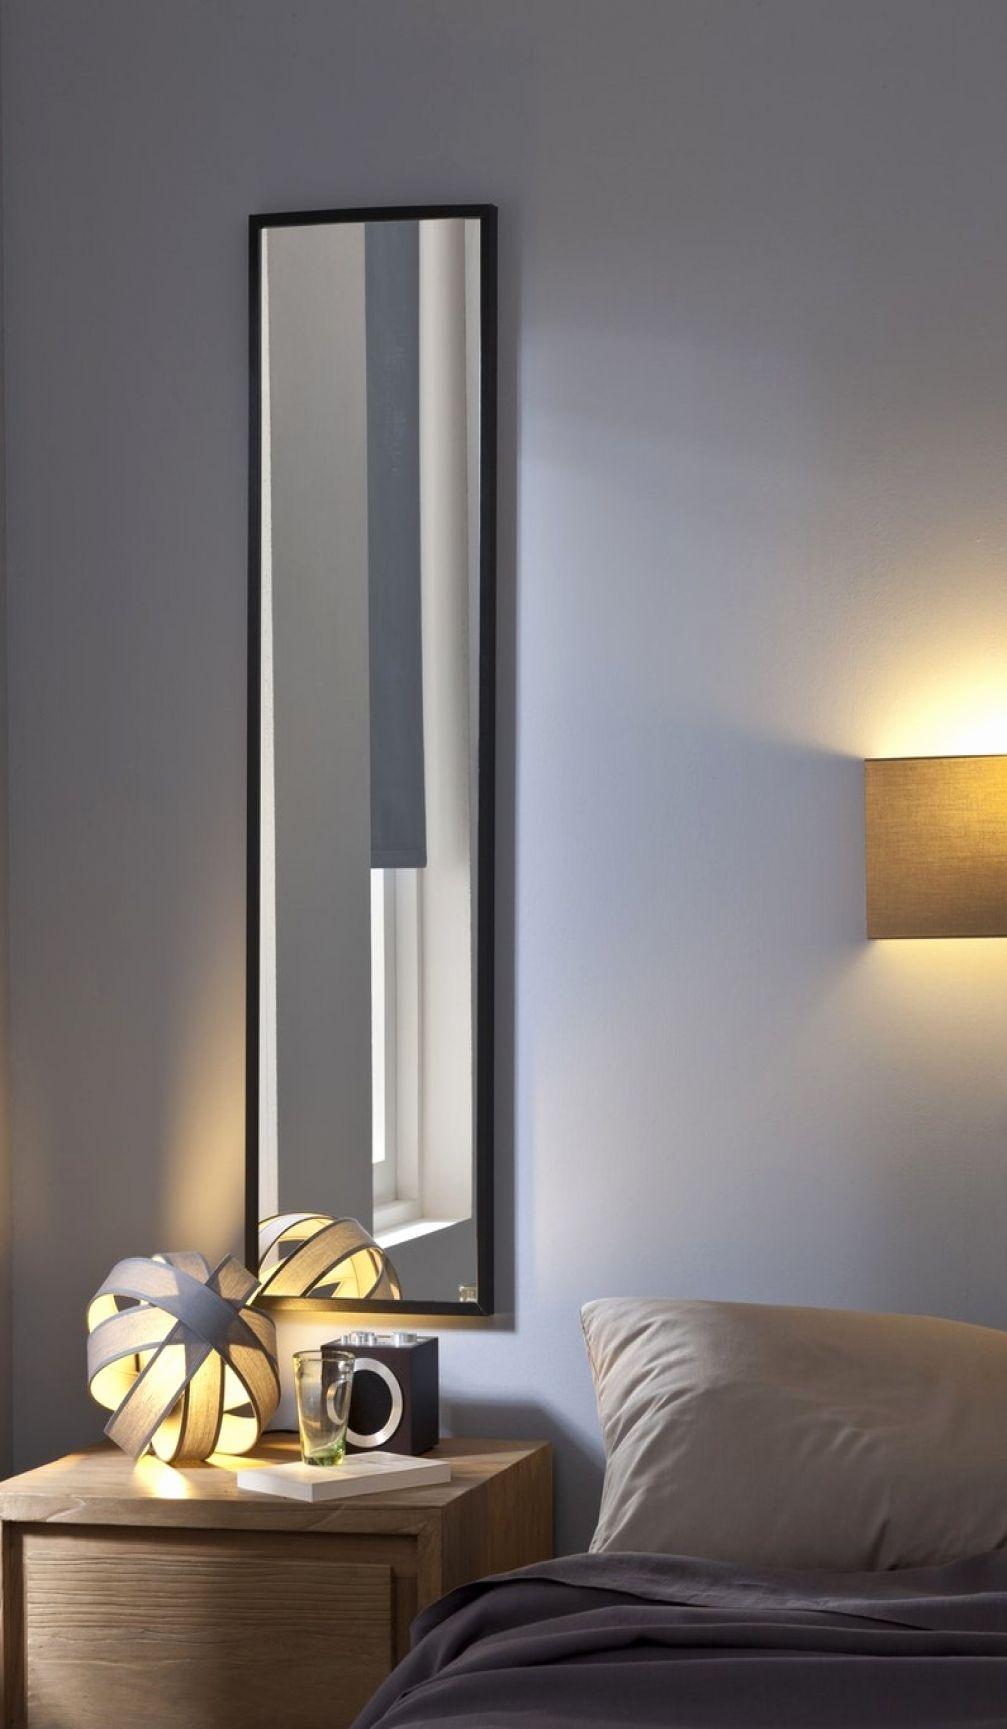 Miroir Lario Leroy Merlin Miroir Chambre Miroir Chambre Miroir Meuble Chambre